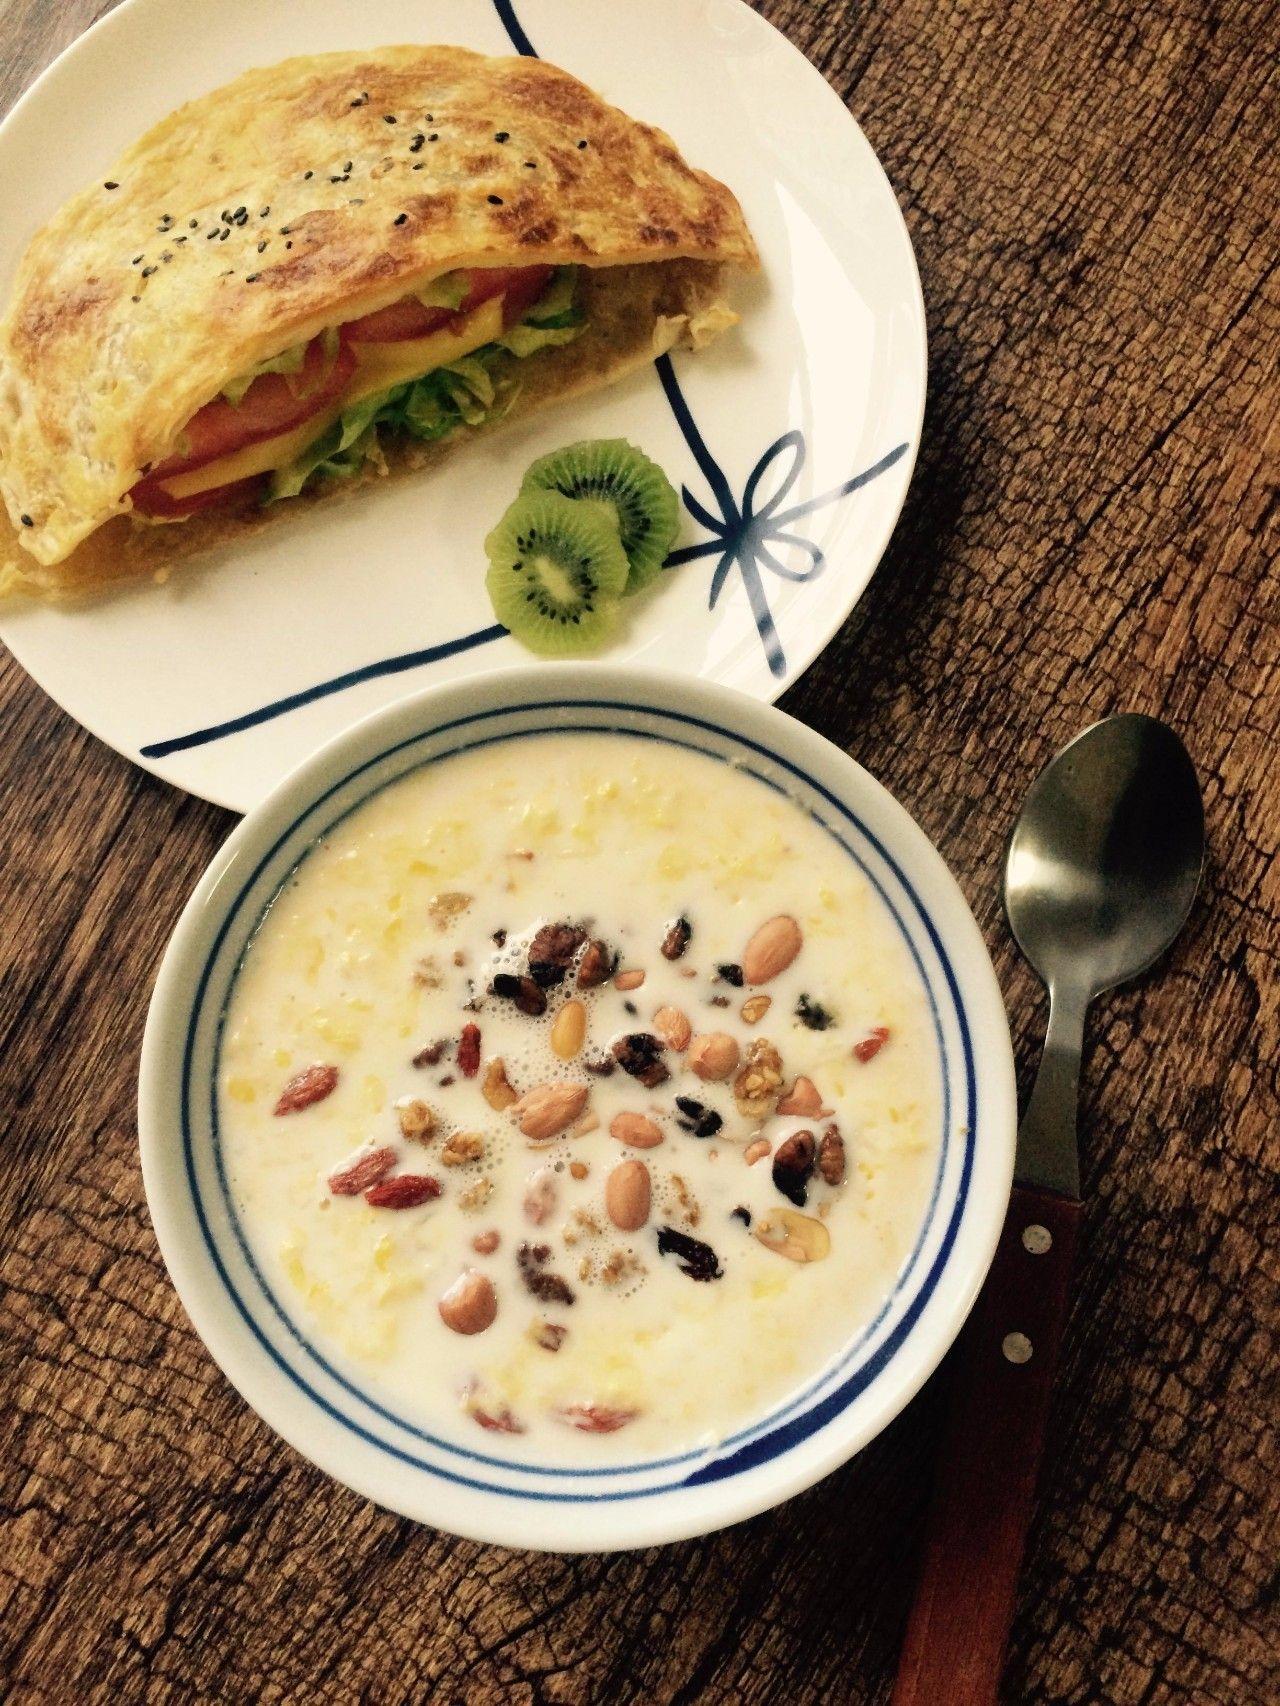 牛奶+鸡蛋,早餐老搭档,N多新吃法!